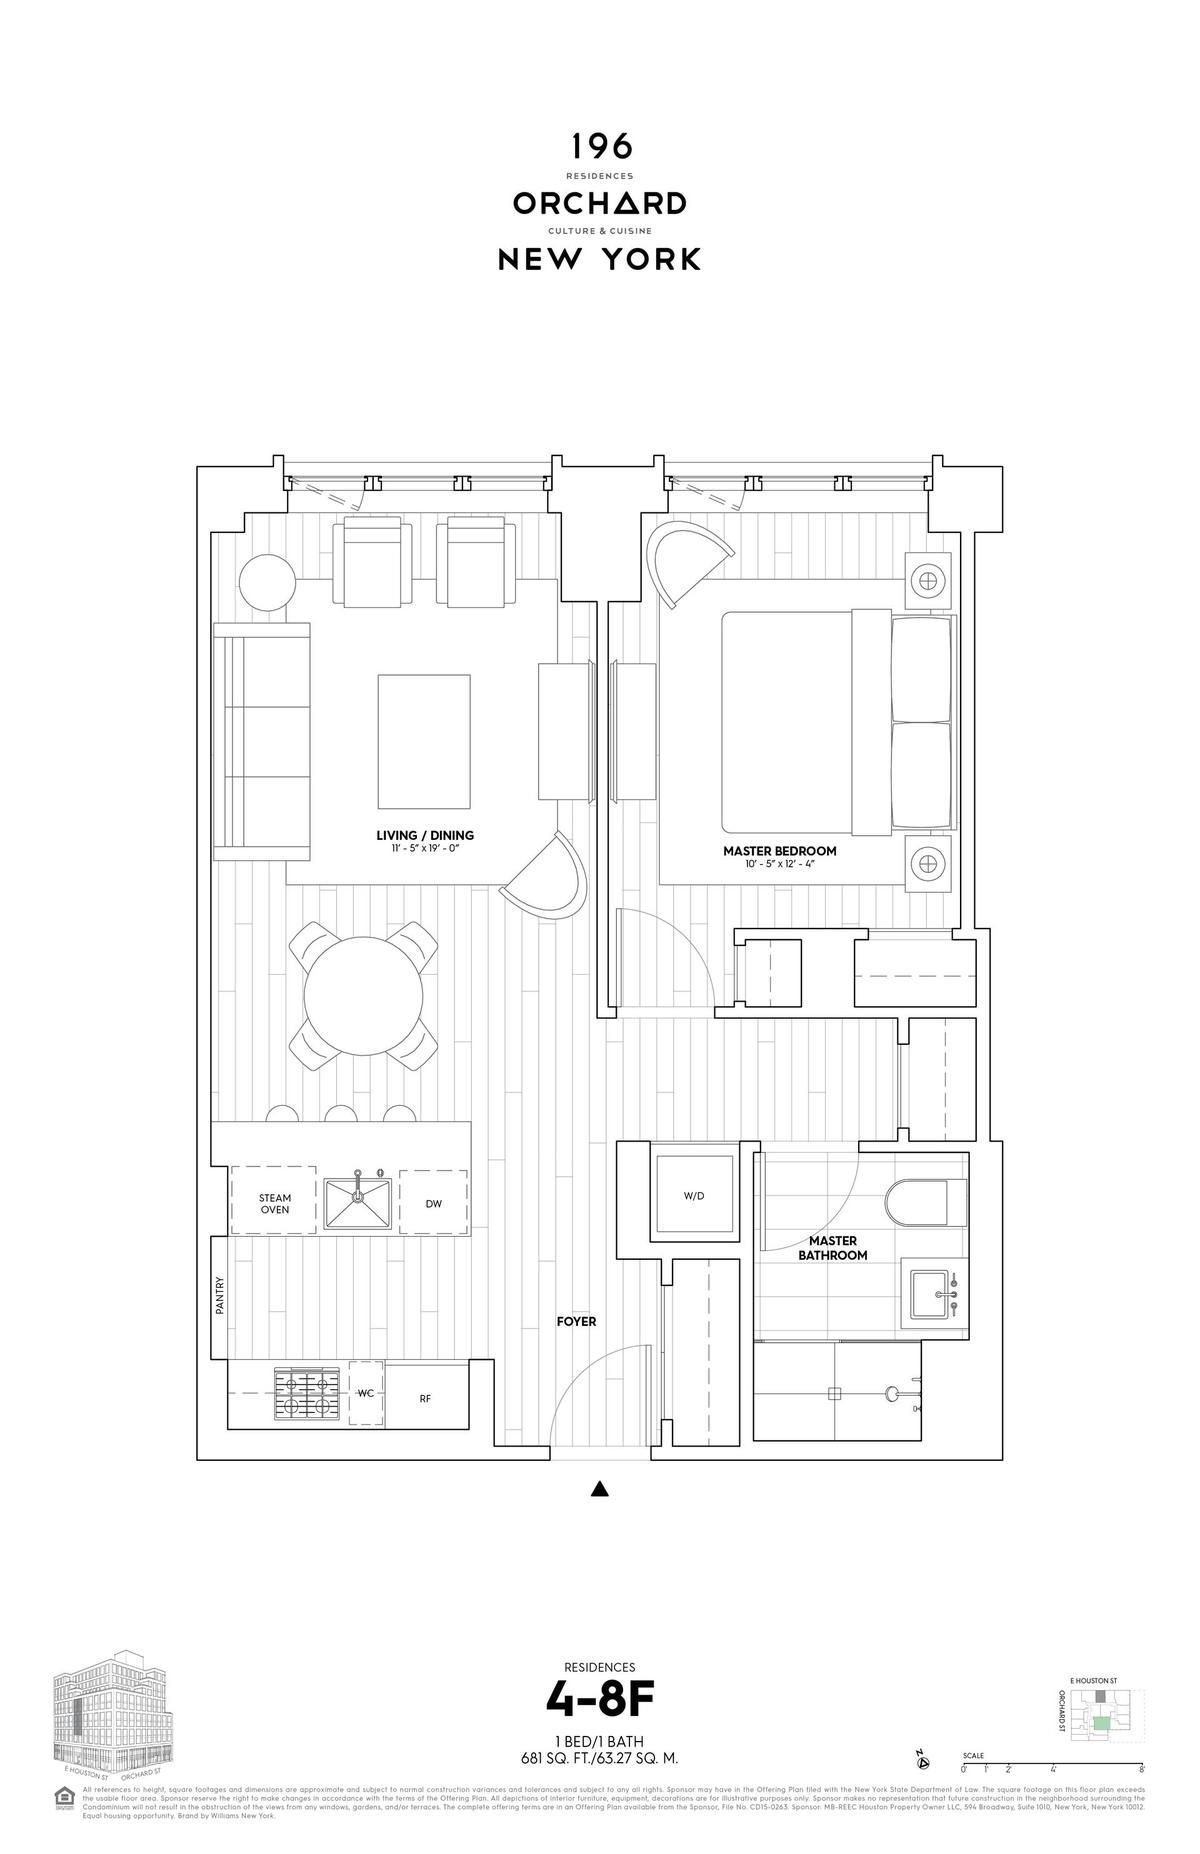 Condo Unit Small Apartment Plans Floor Plan Design Studio Apartment Floor Plans